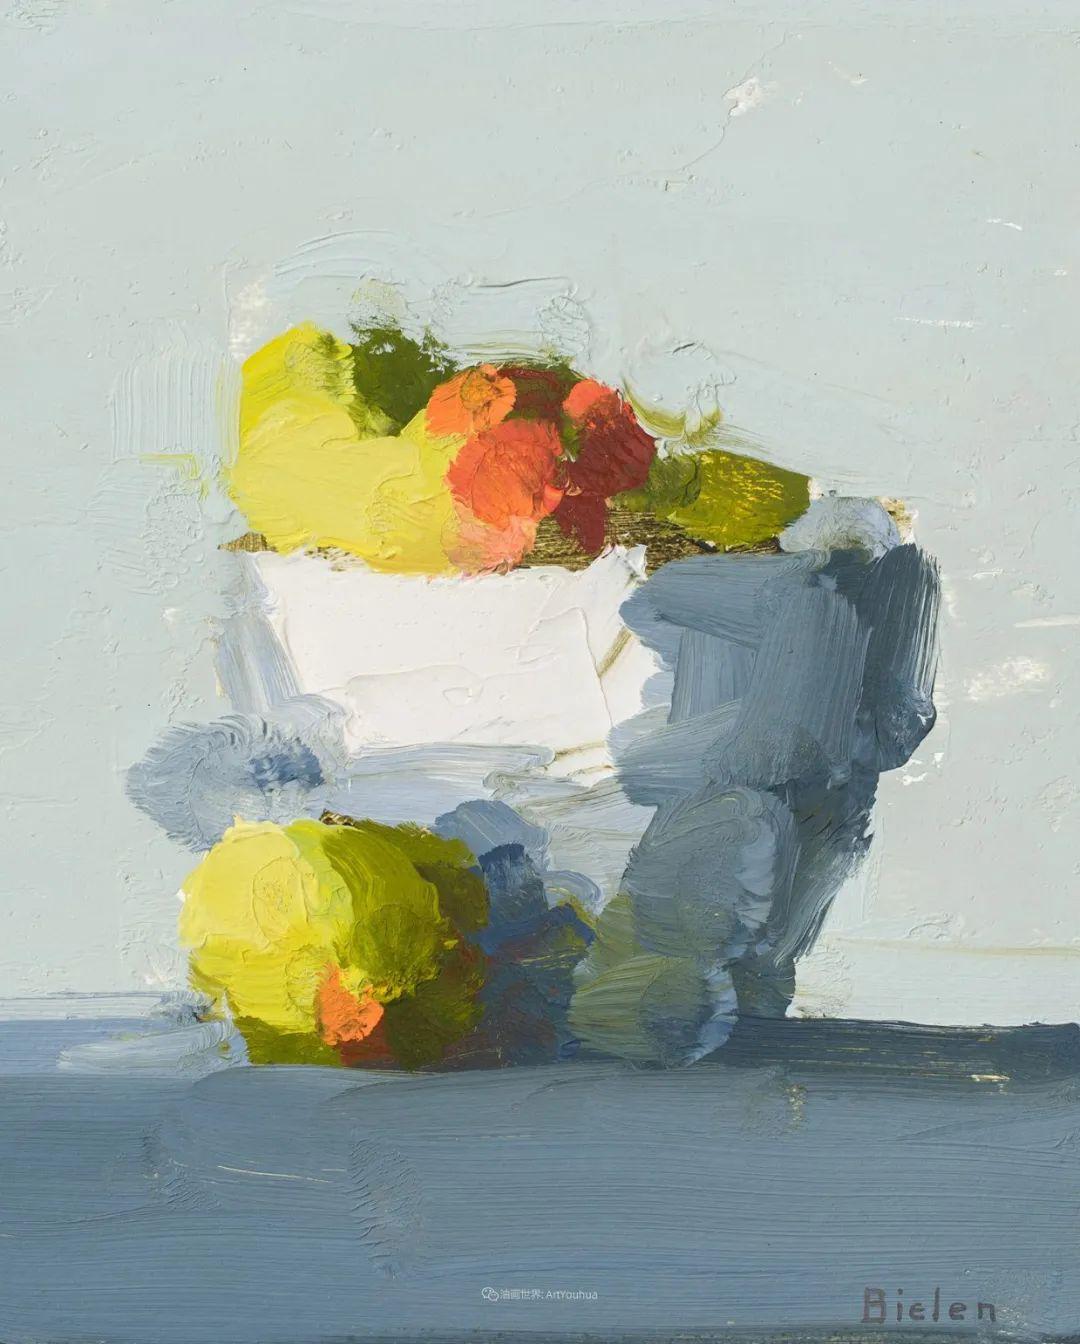 简约宁静 | 波兰画家斯坦利·比伦作品欣赏插图47